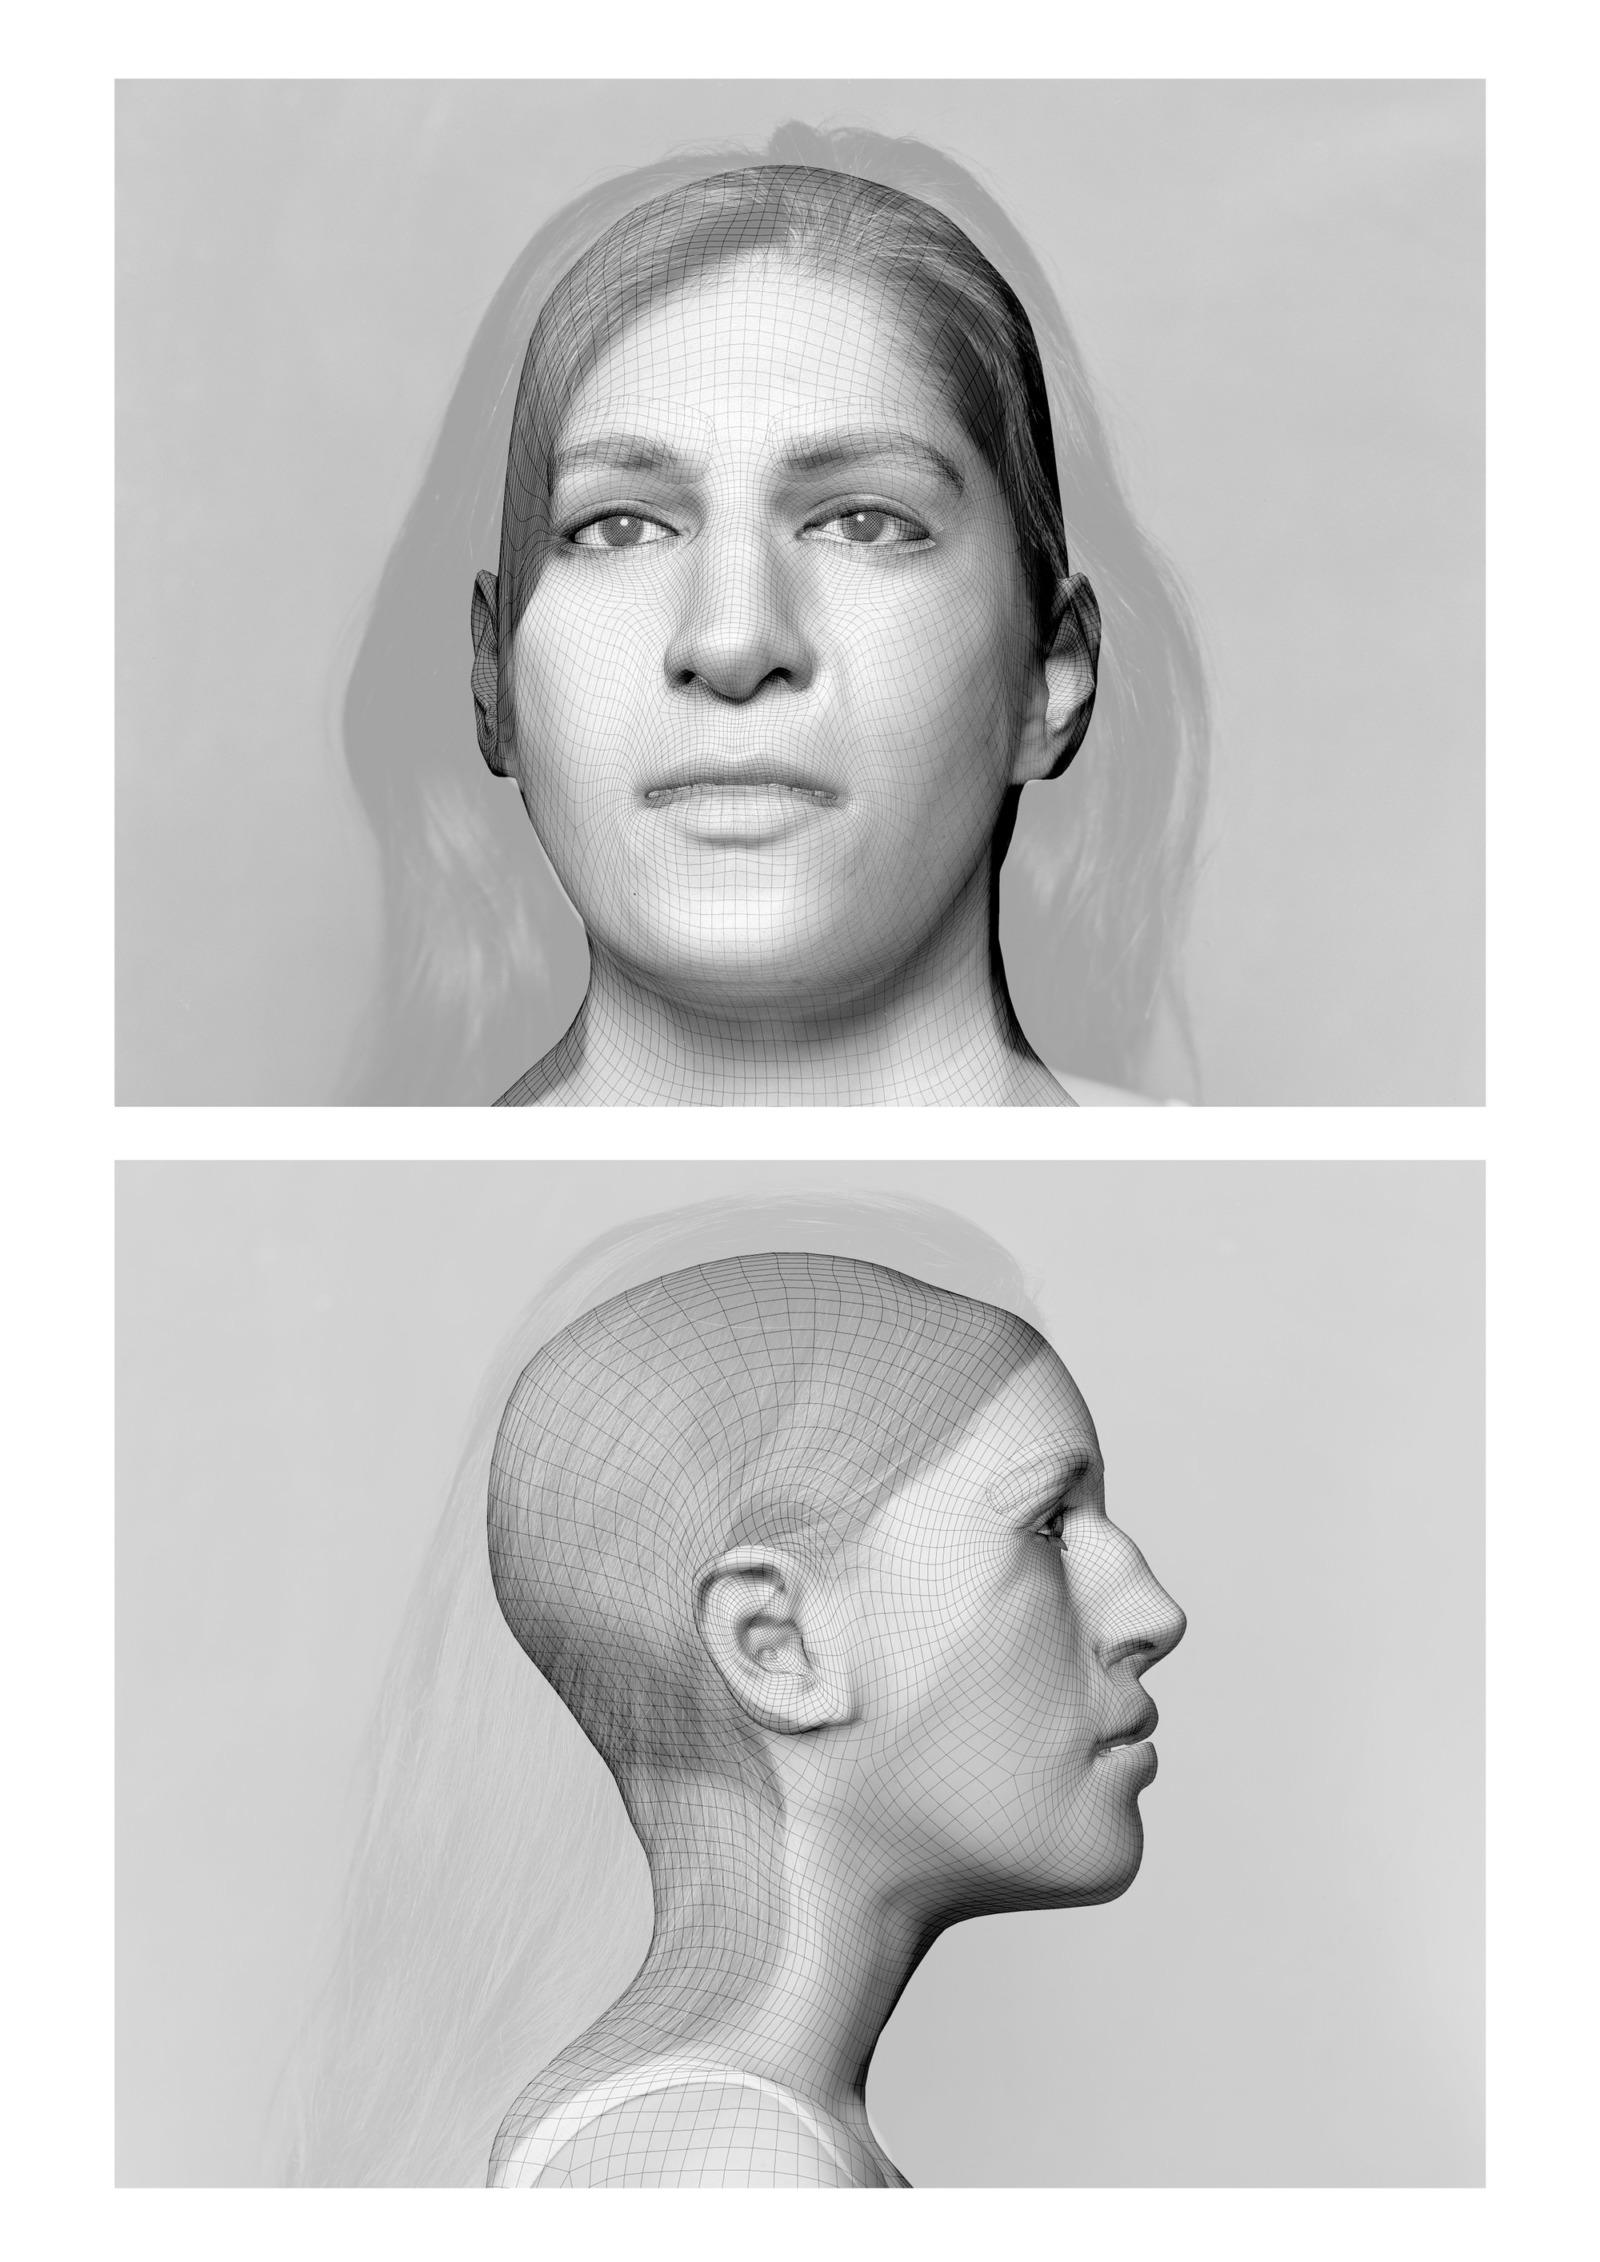 CGI renderings of the artist's own head.